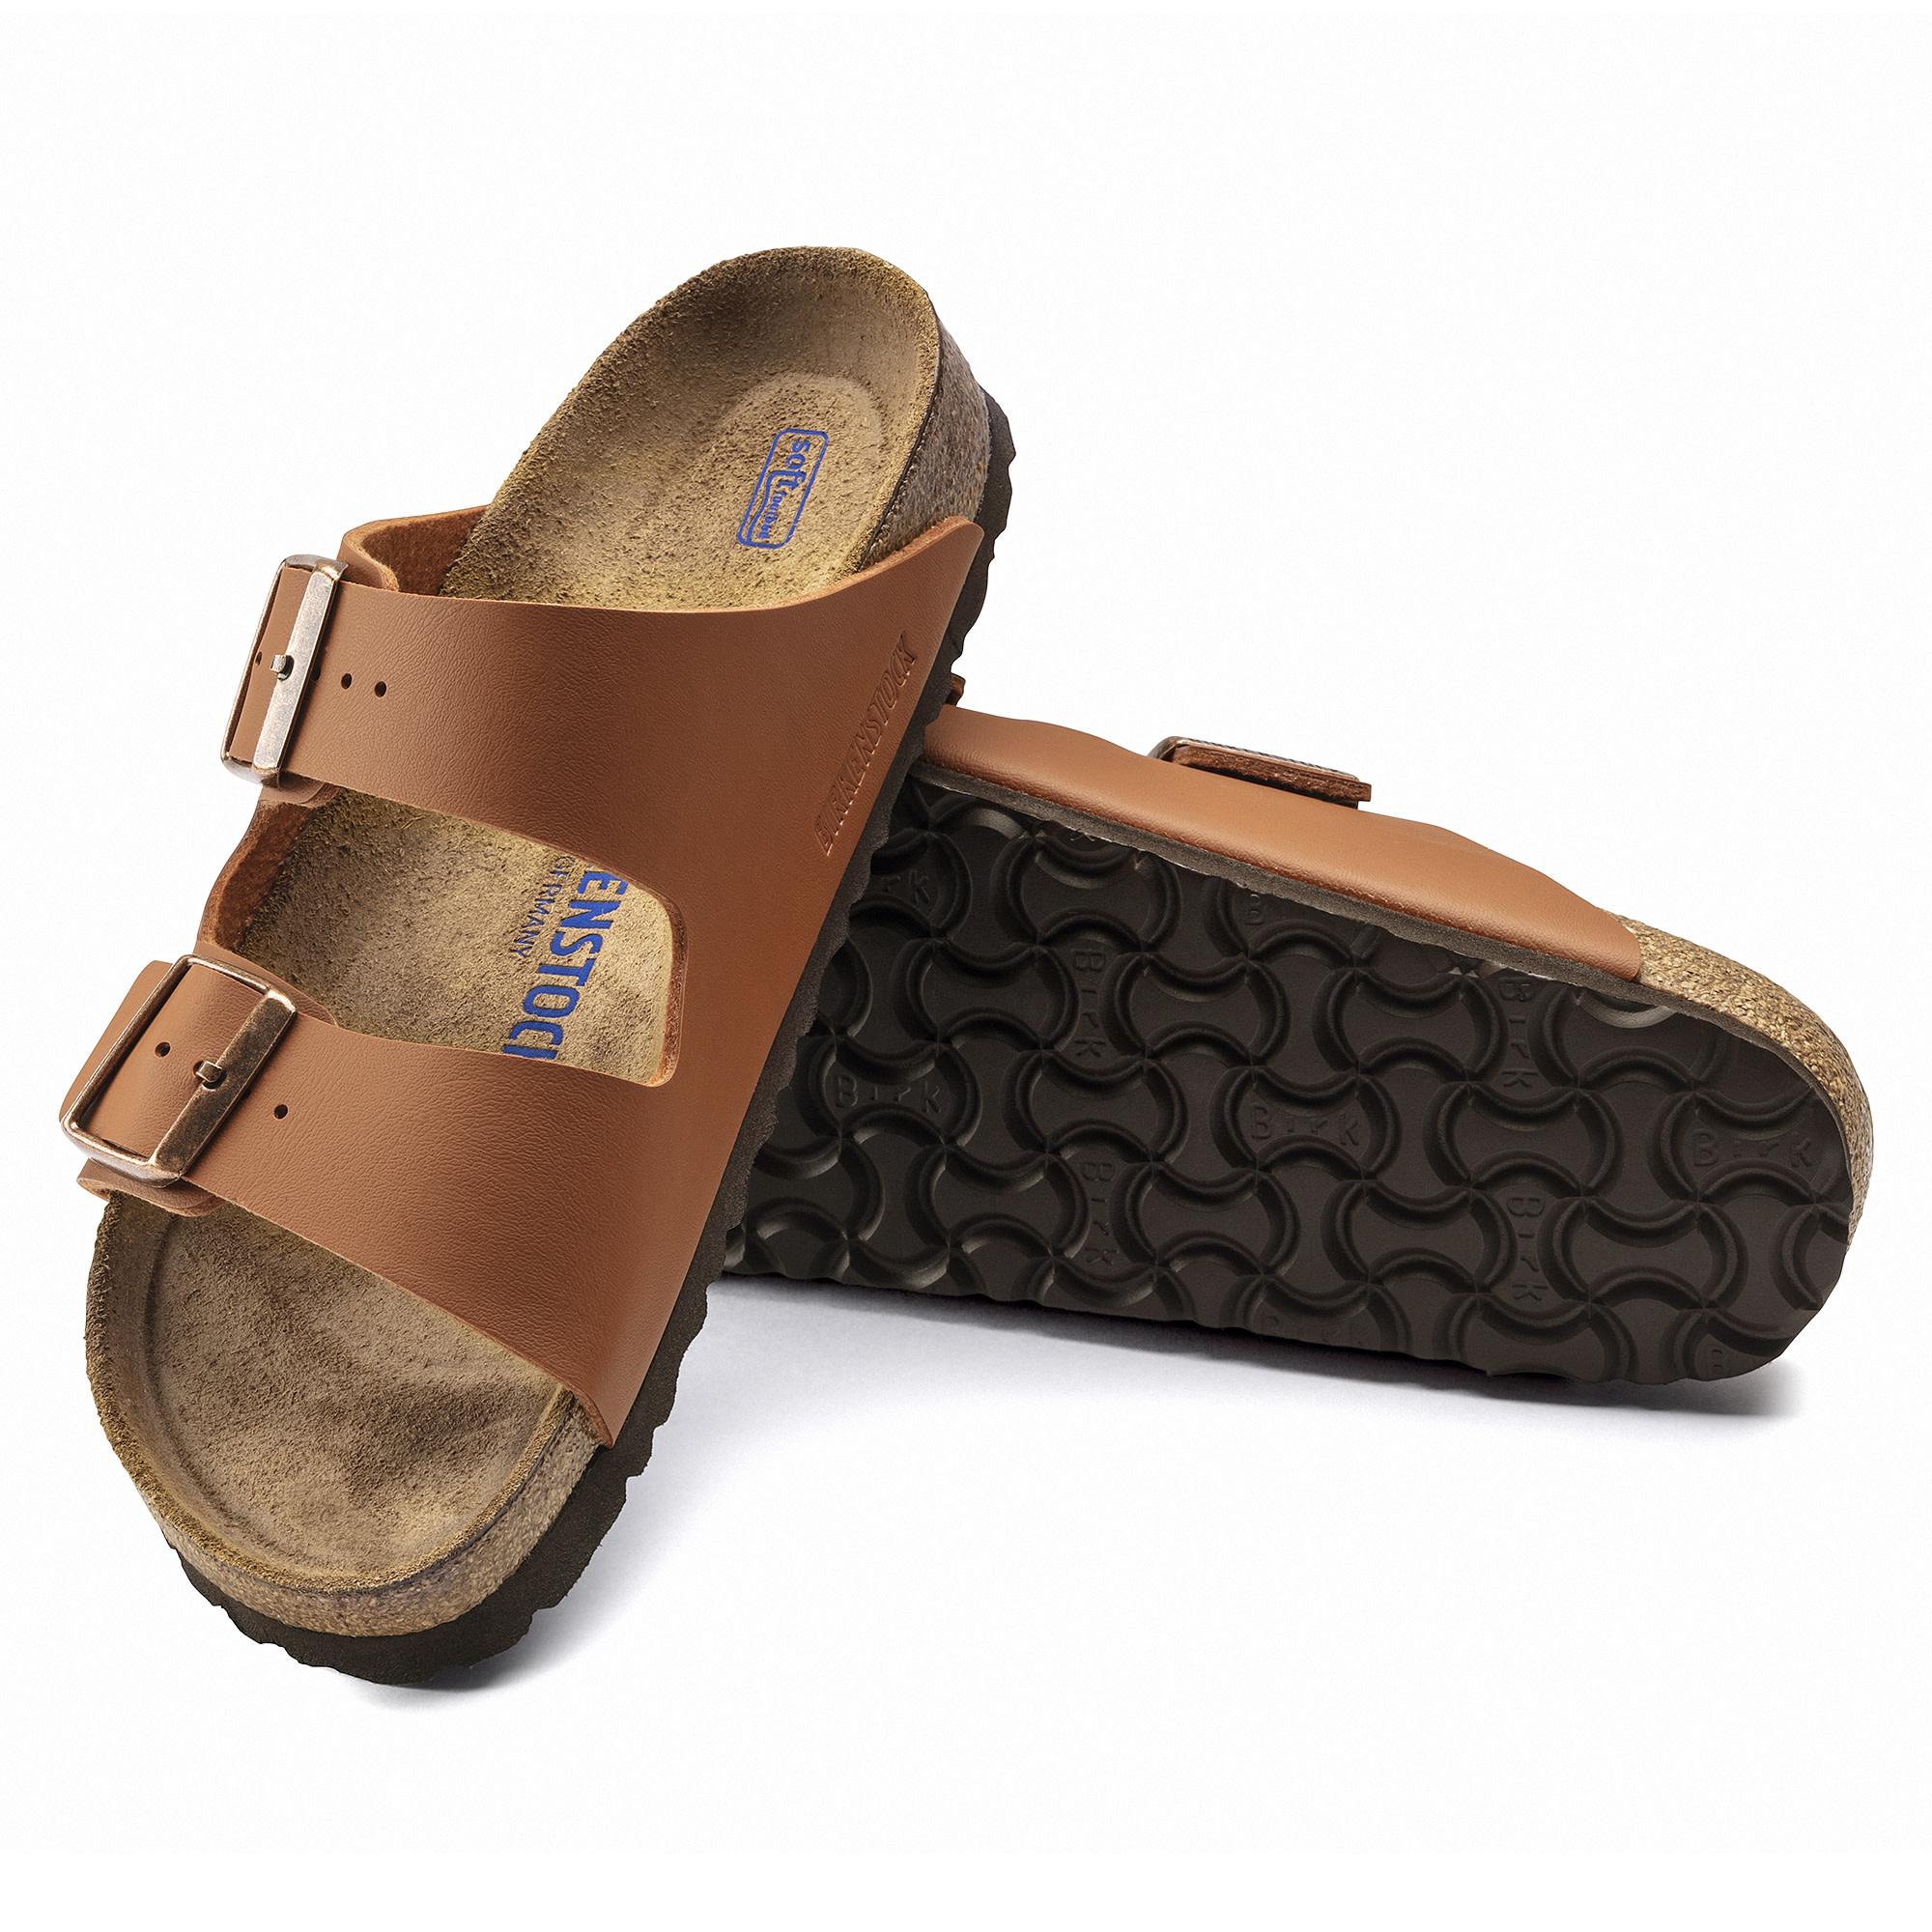 Birkenstock Birkenstock Arizona Soft Footbed - Birko-Flor (Hommes - Régulier) - Ginger Brown